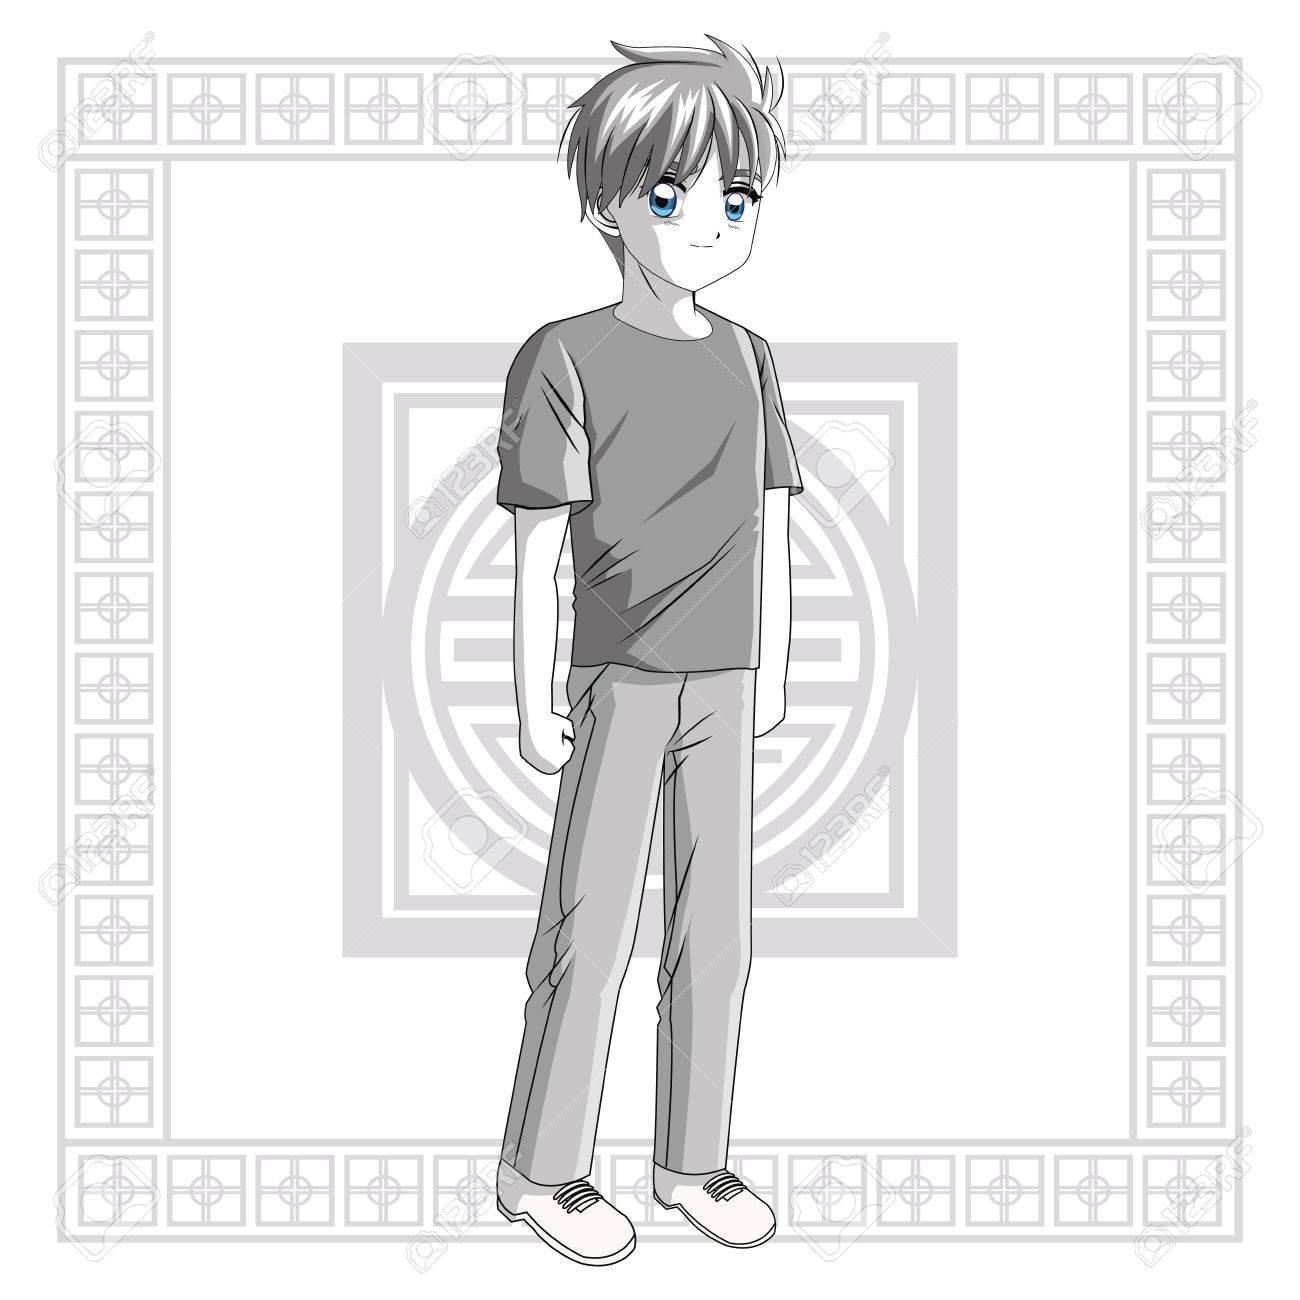 Erfreut Anime Glasrahmen Ideen - Benutzerdefinierte Bilderrahmen ...